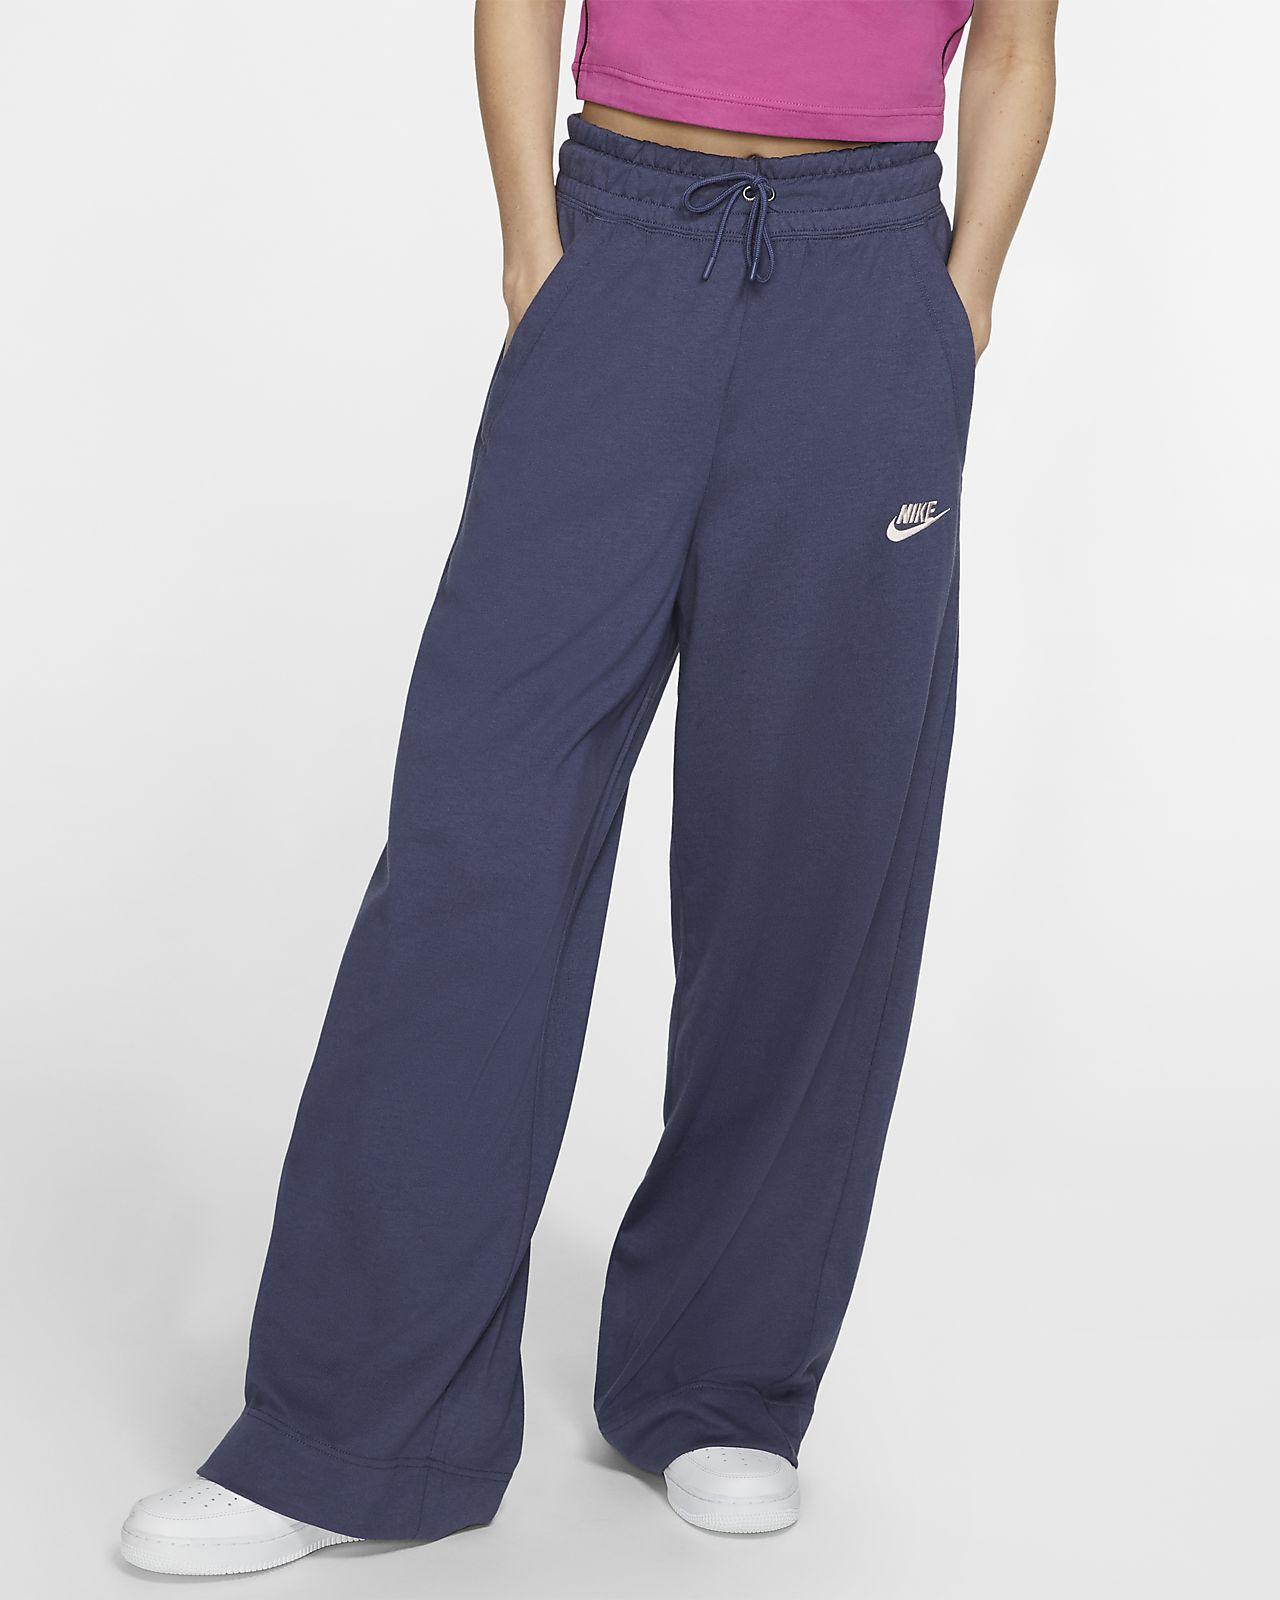 Nike Sportswear Women's Jersey Trousers